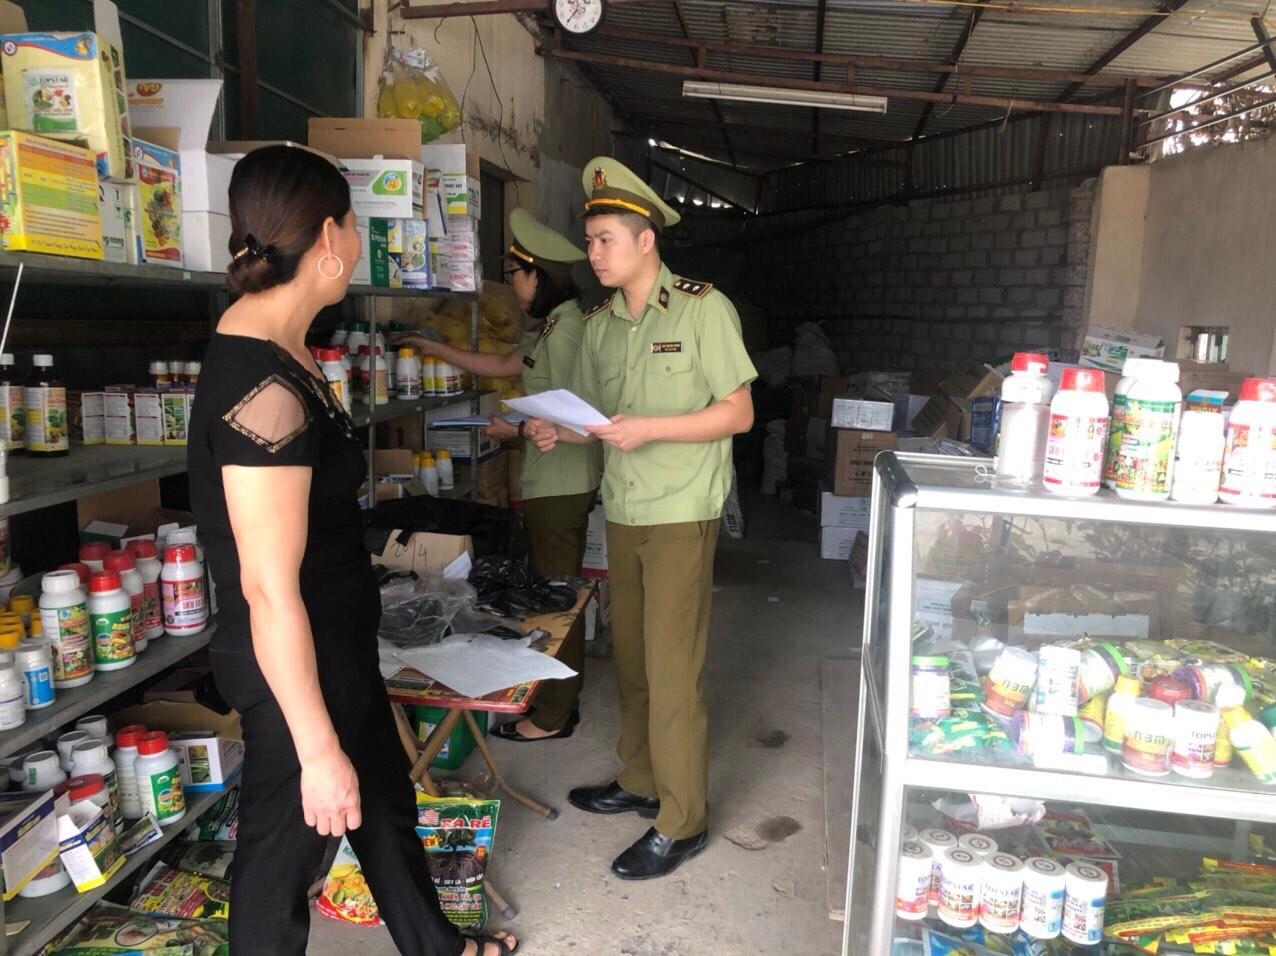 Đội QLTT số 2, Cục Quản lý thị trường tỉnh Hưng Yên tăng cường công tác kiểm tra, kiểm soát thị trường đối với các cơ sở kinh doanh mặt hàng vật tư nông nghiệp trên địa bàn